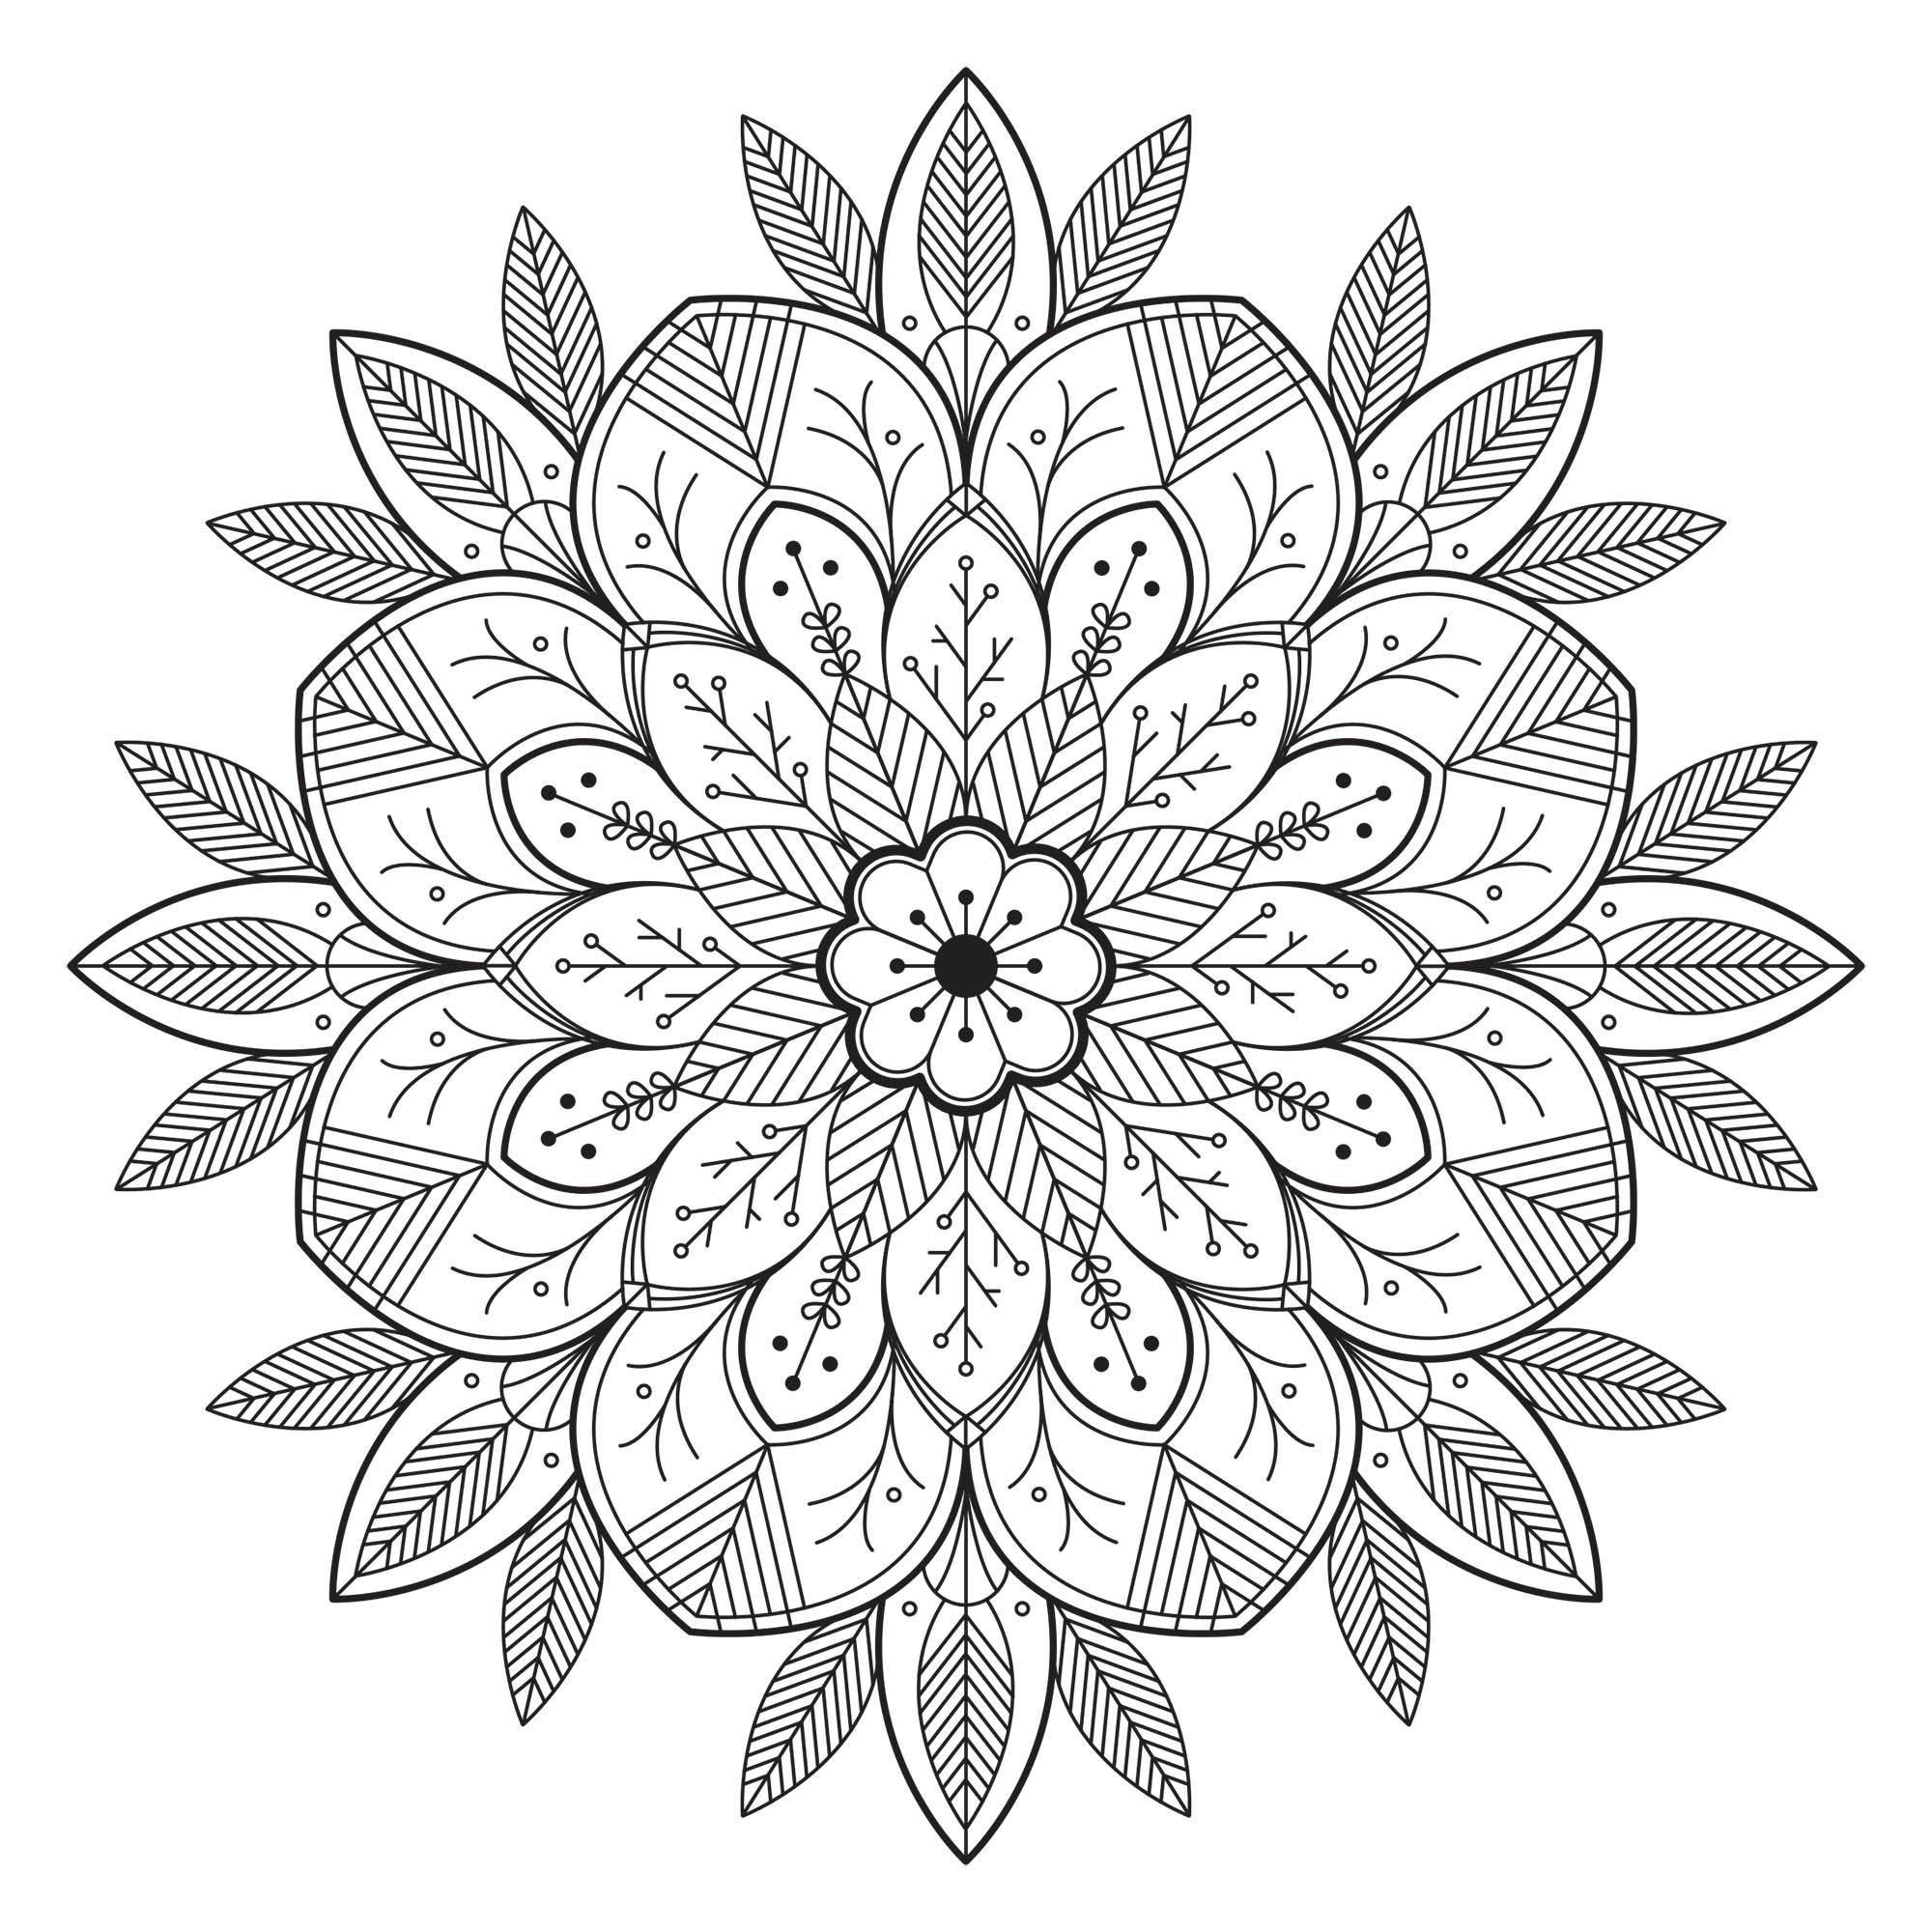 Simple mandala fleuri feuillu mandalas coloriages difficiles pour adultes - Coloriages mandalas fleurs ...